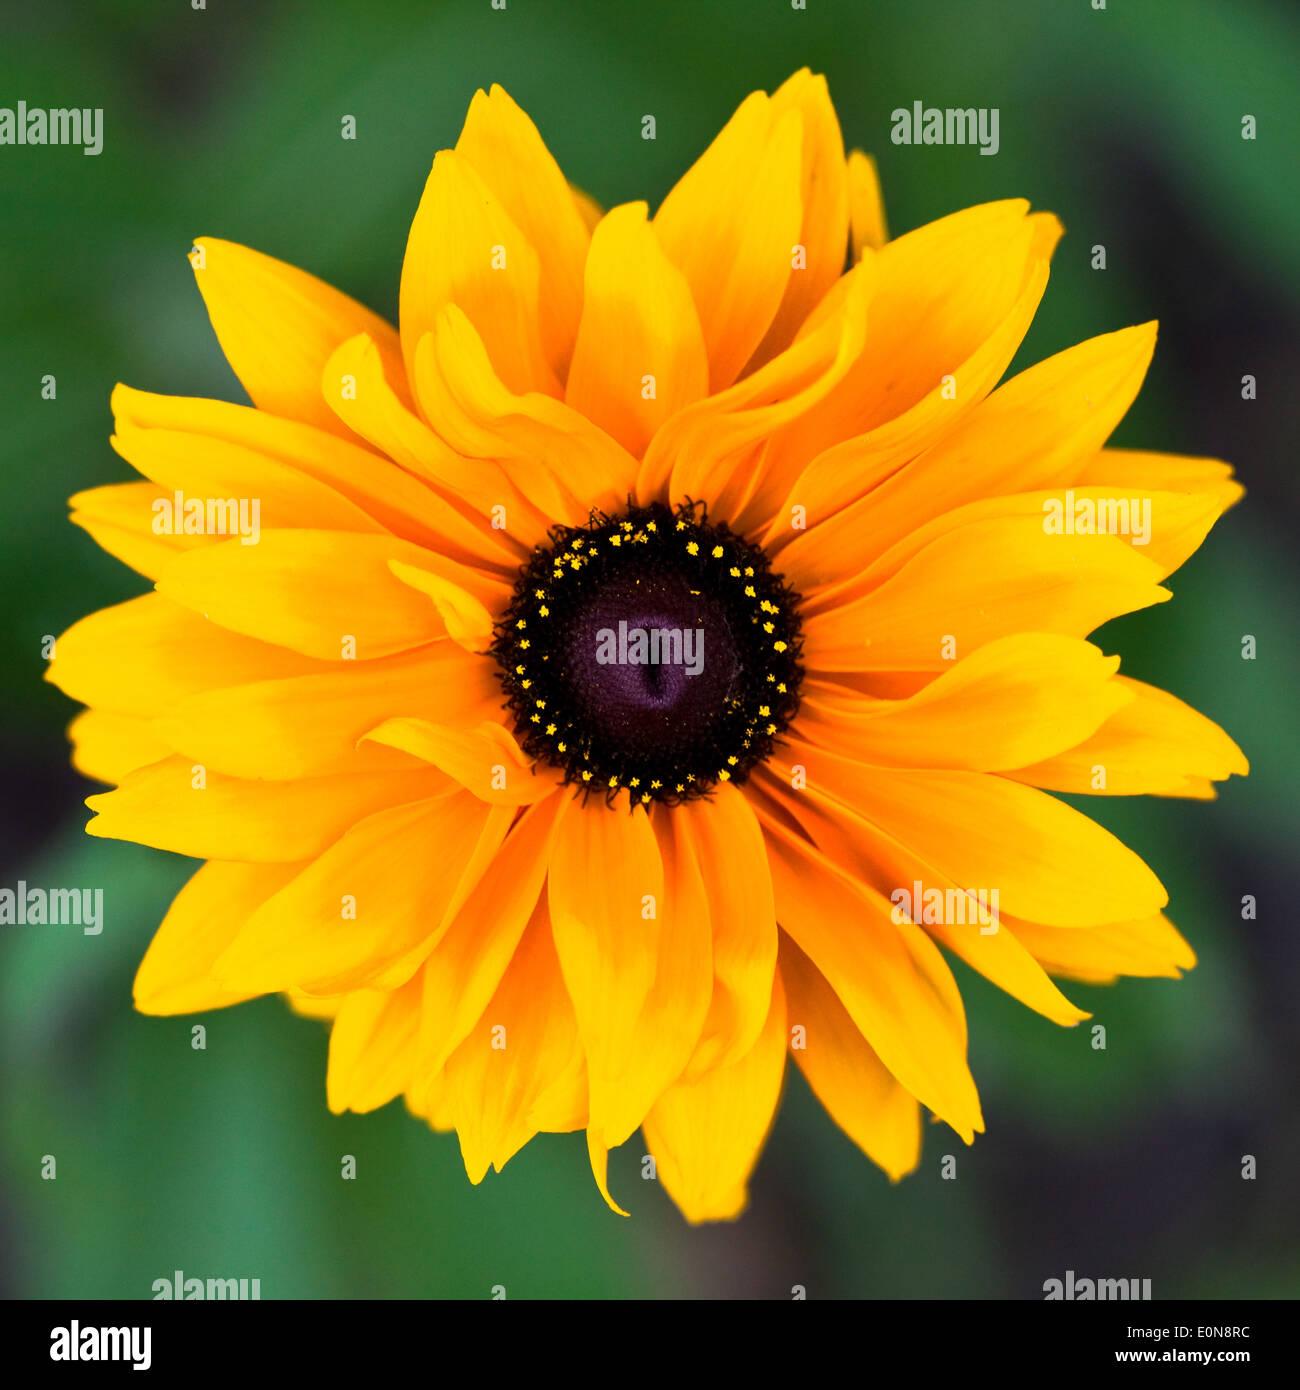 Einjähriger Sonnenhut - Coneflower - Stock Image